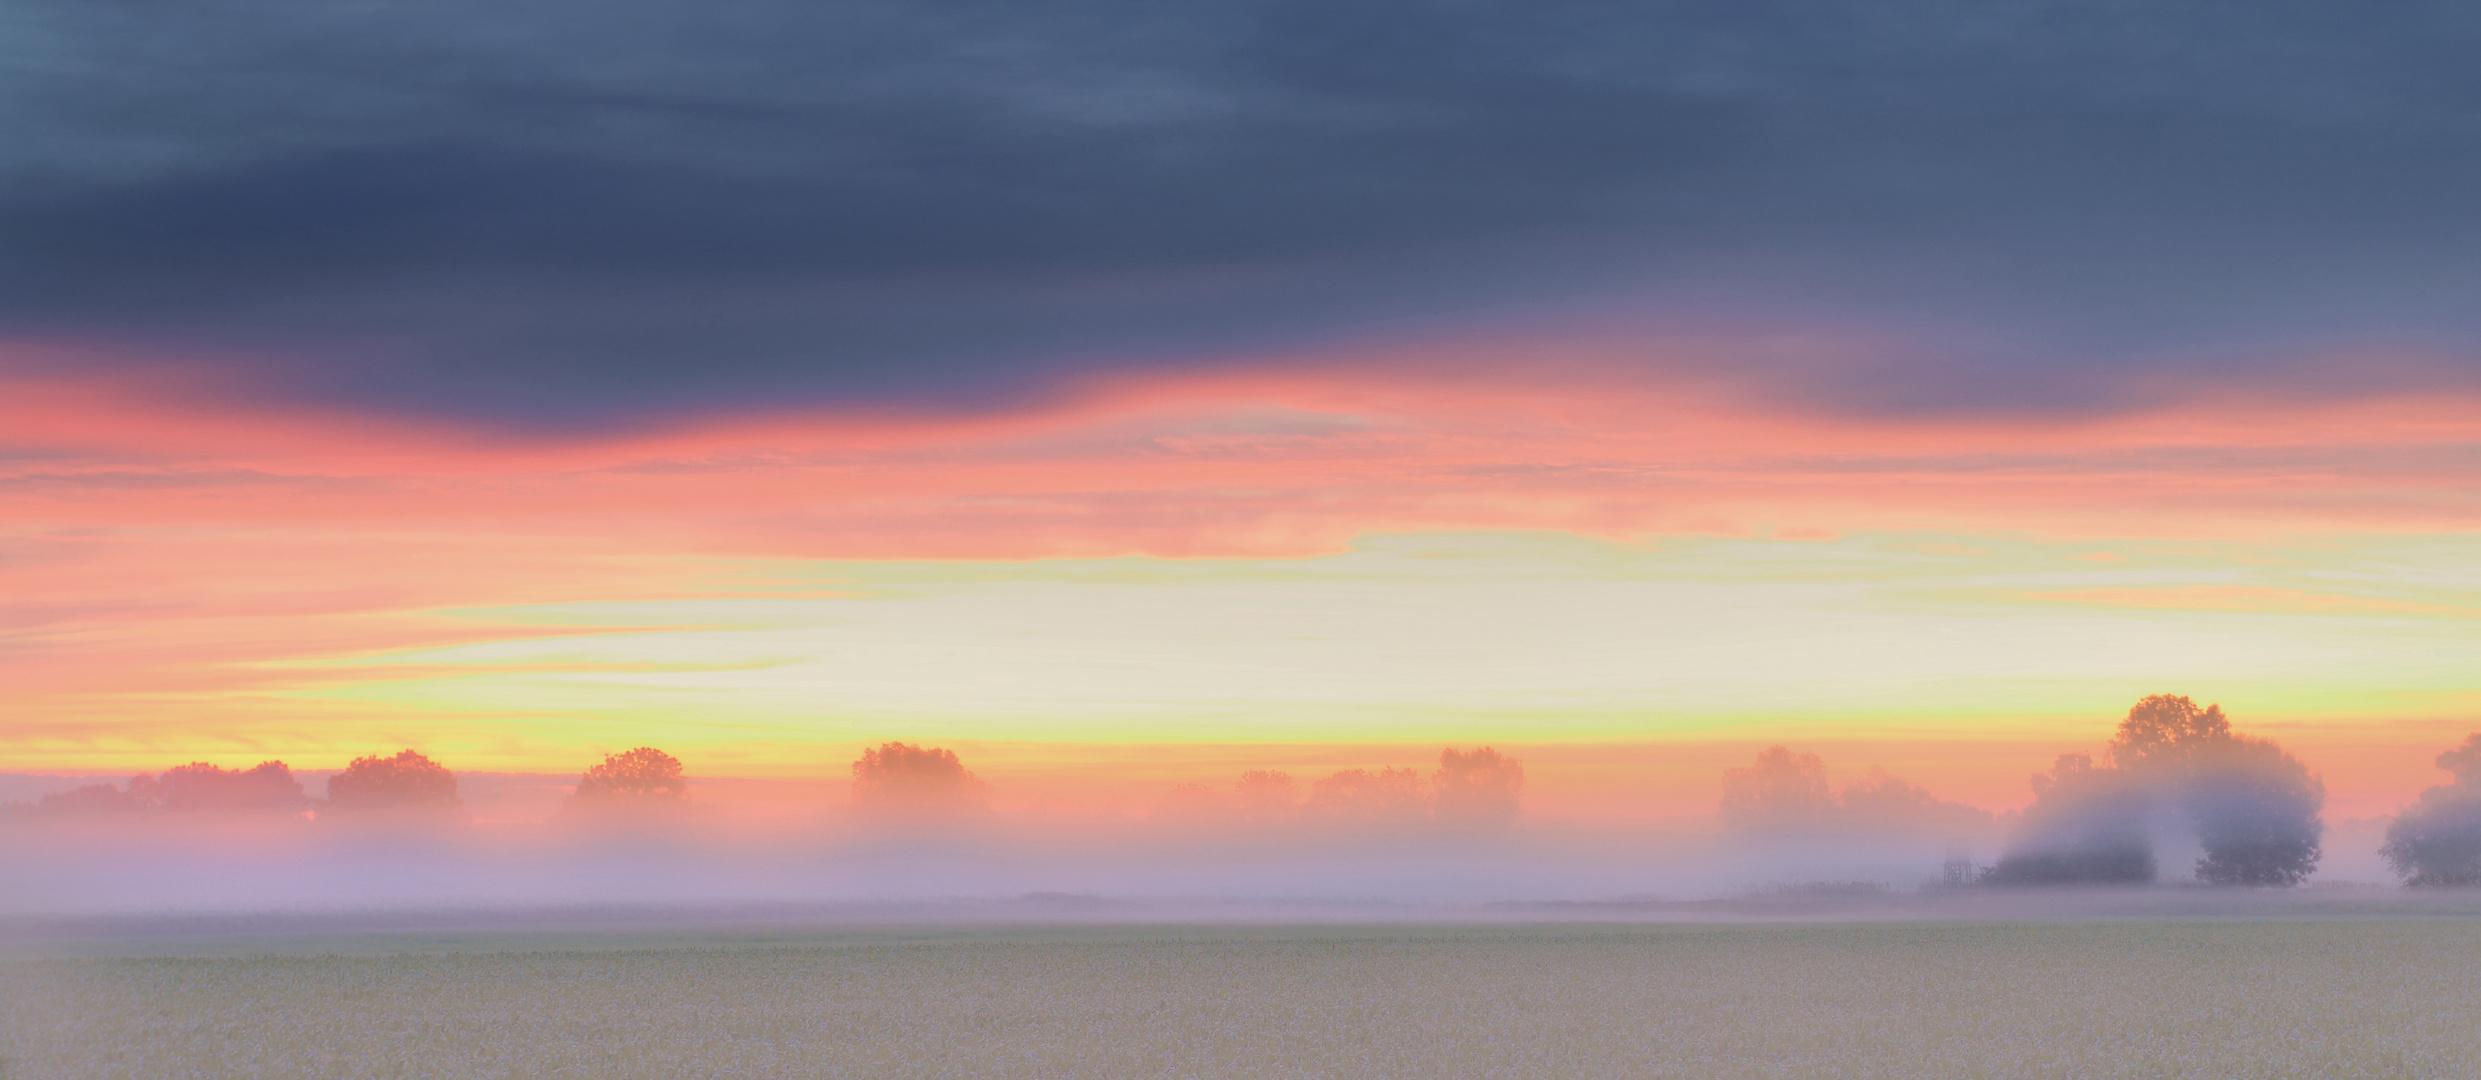 when the sun breaks through the fog